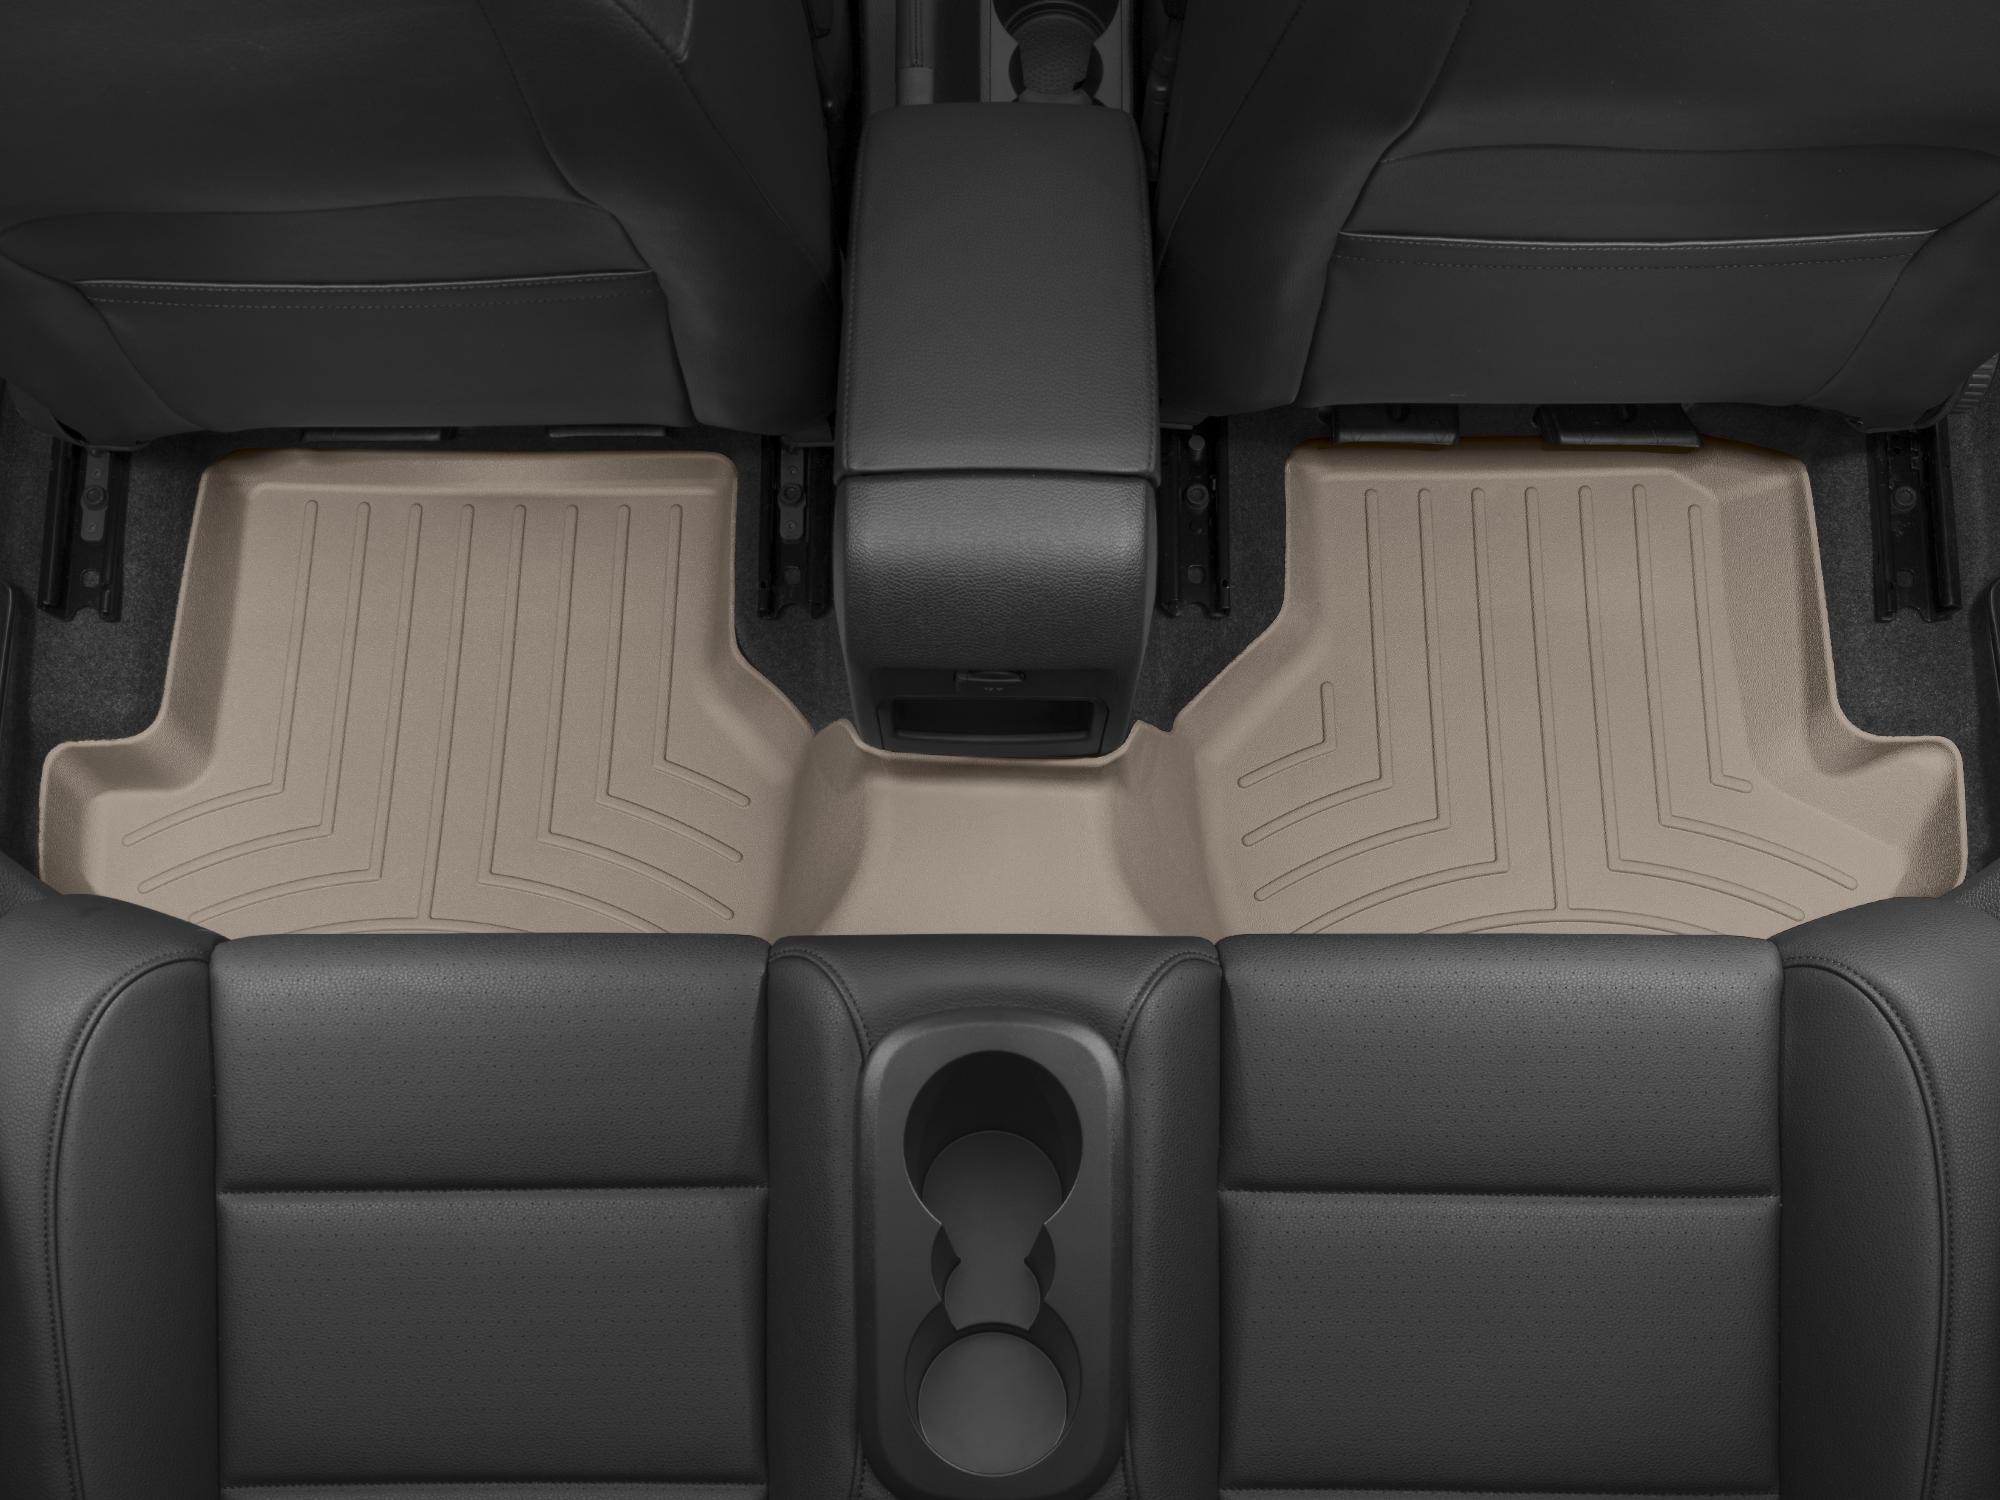 Tappeti gomma su misura bordo alto Volkswagen Eos 07>16 Marrone A4011*